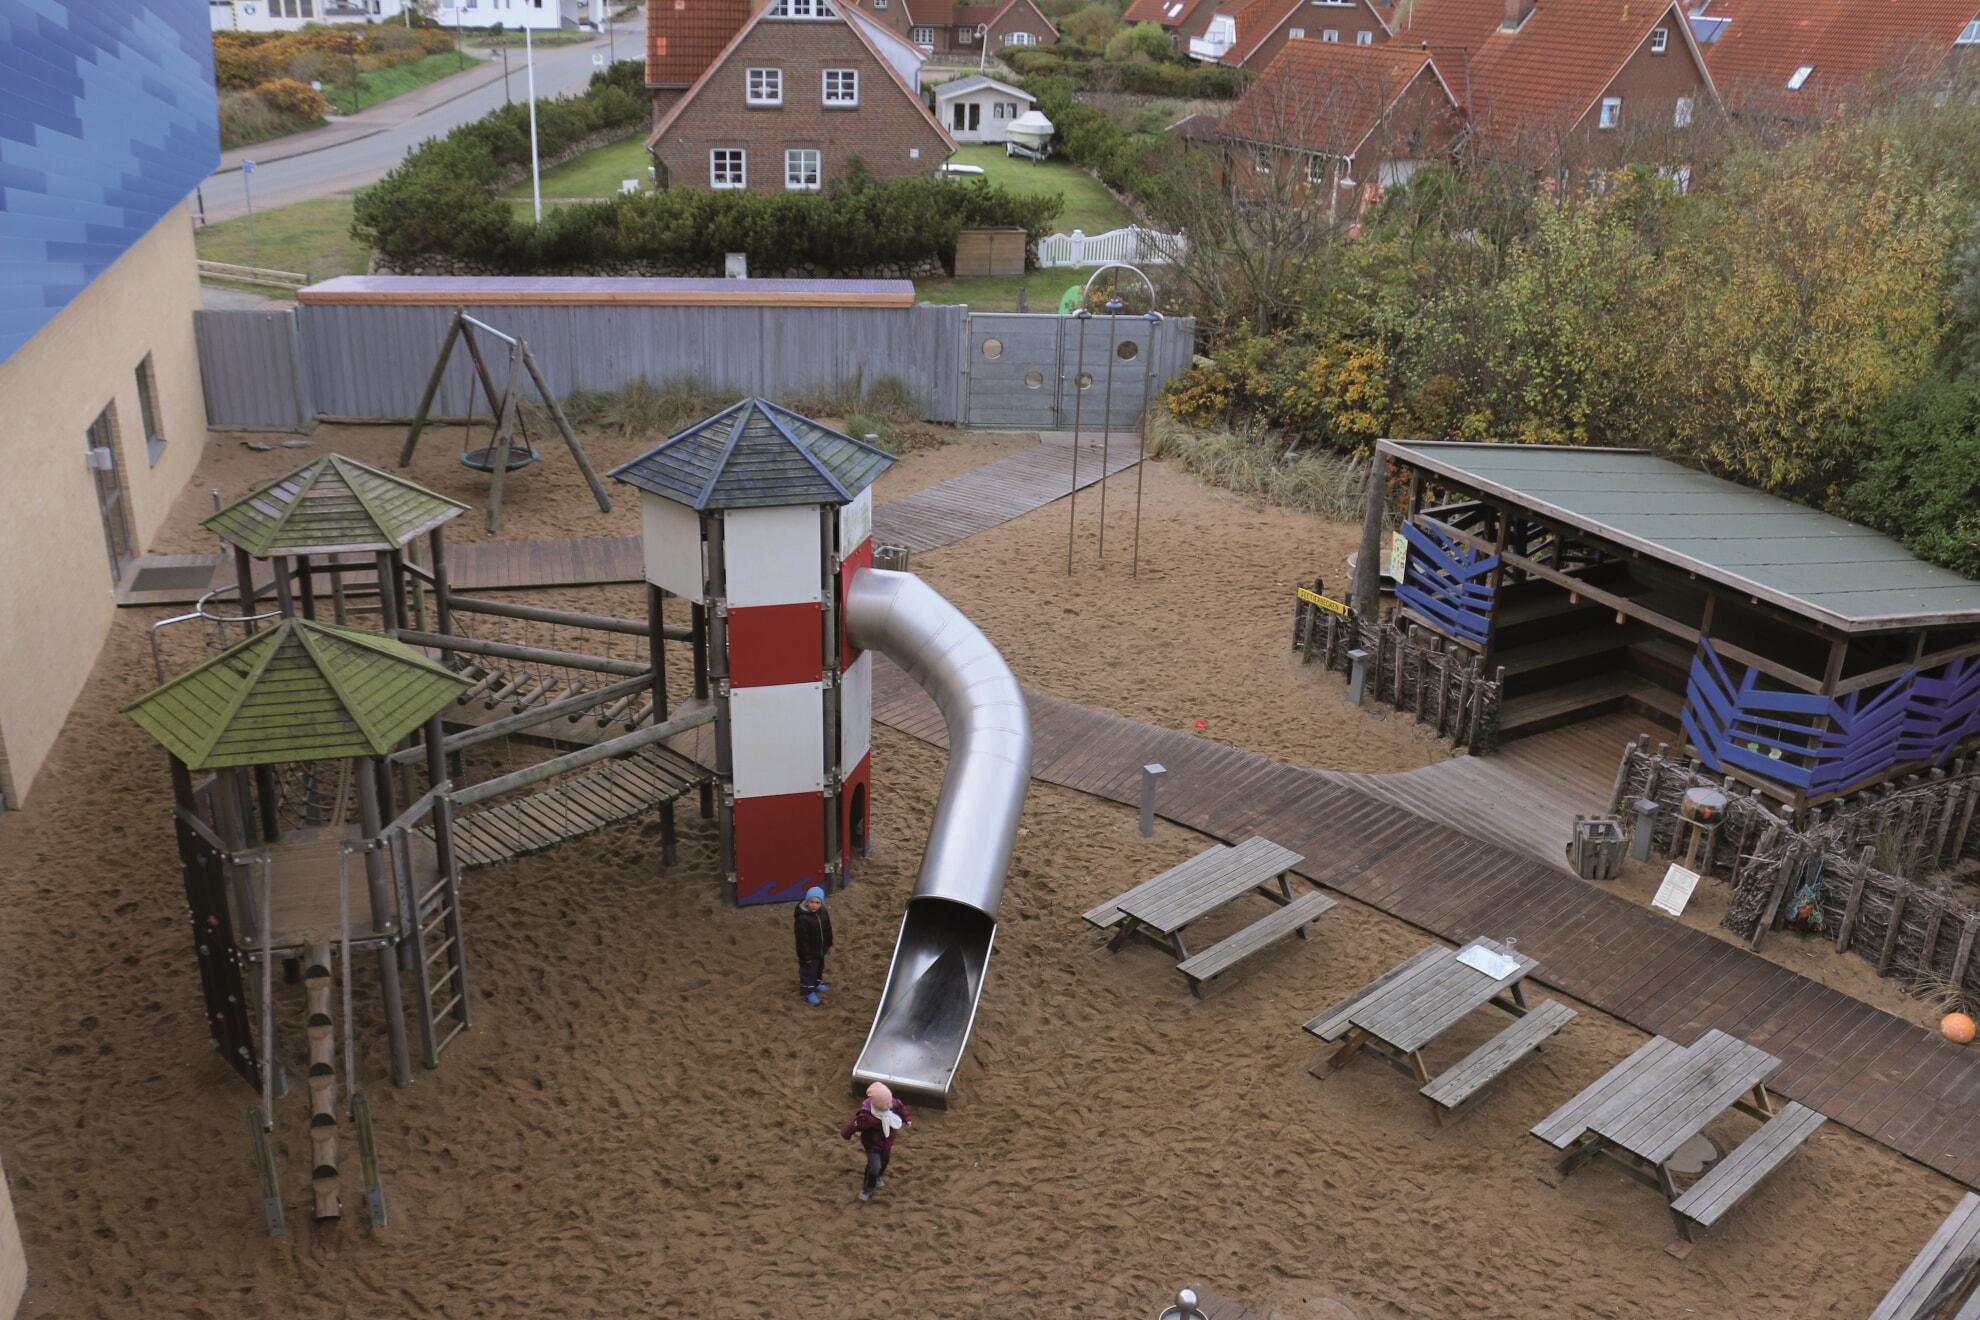 Spielplatz Erlebniszentrum Naturgewalten